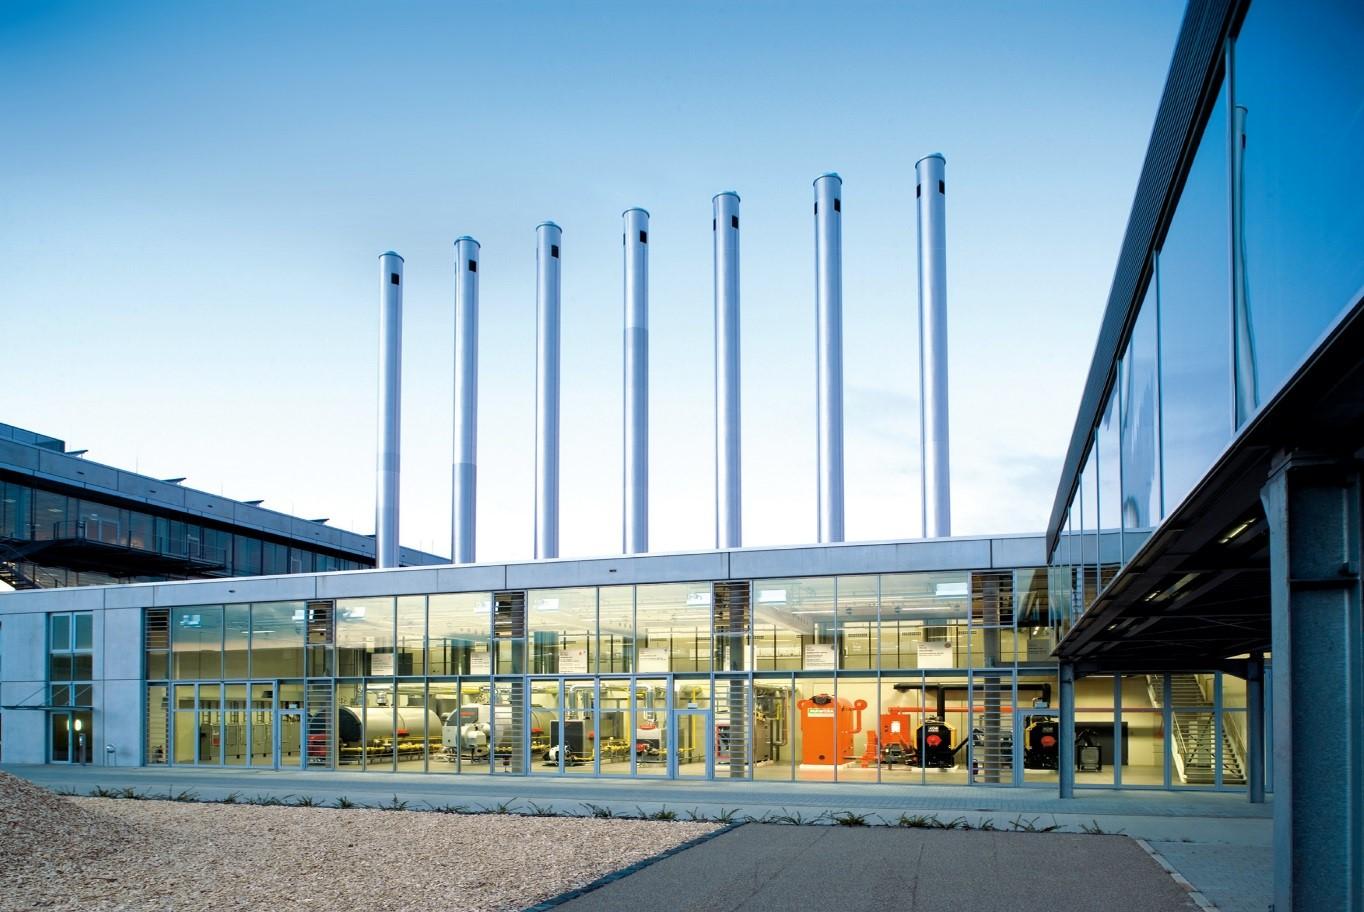 荷兰德恩携超低氮全冷凝技术与鑫华新强强联合 共同开拓